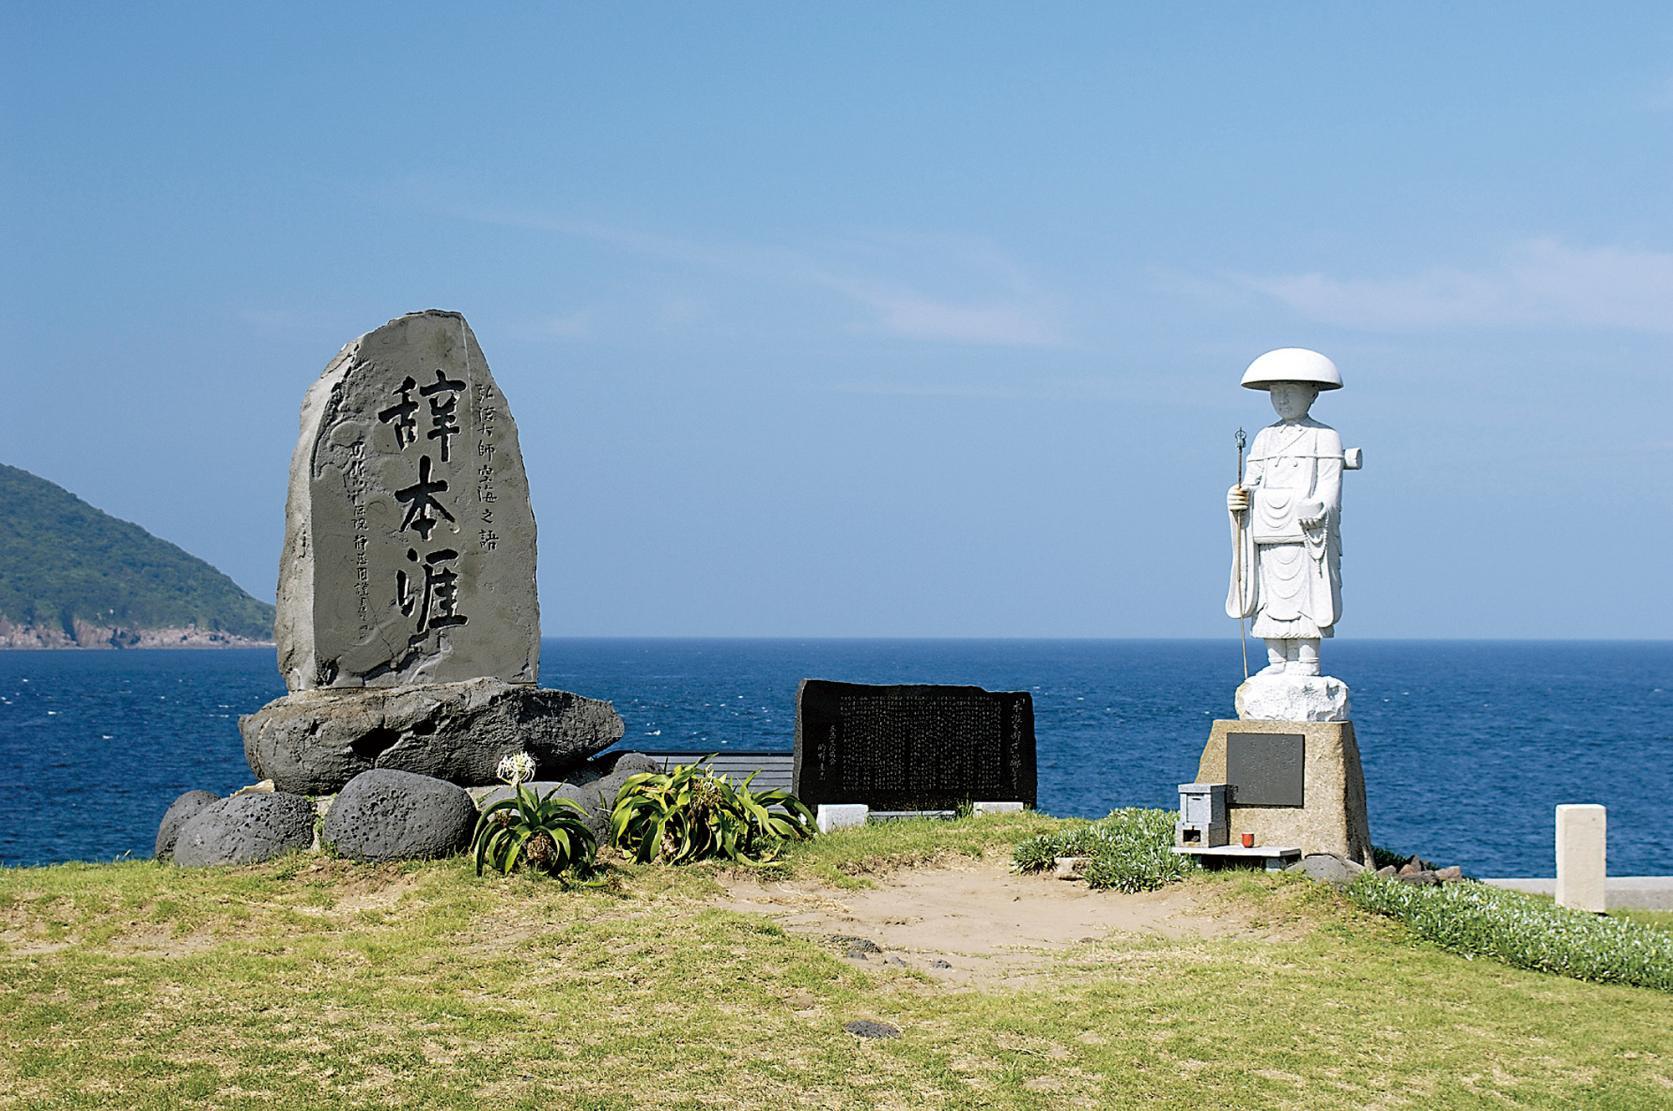 日本遺産 遣唐使ゆかりの地をめぐる